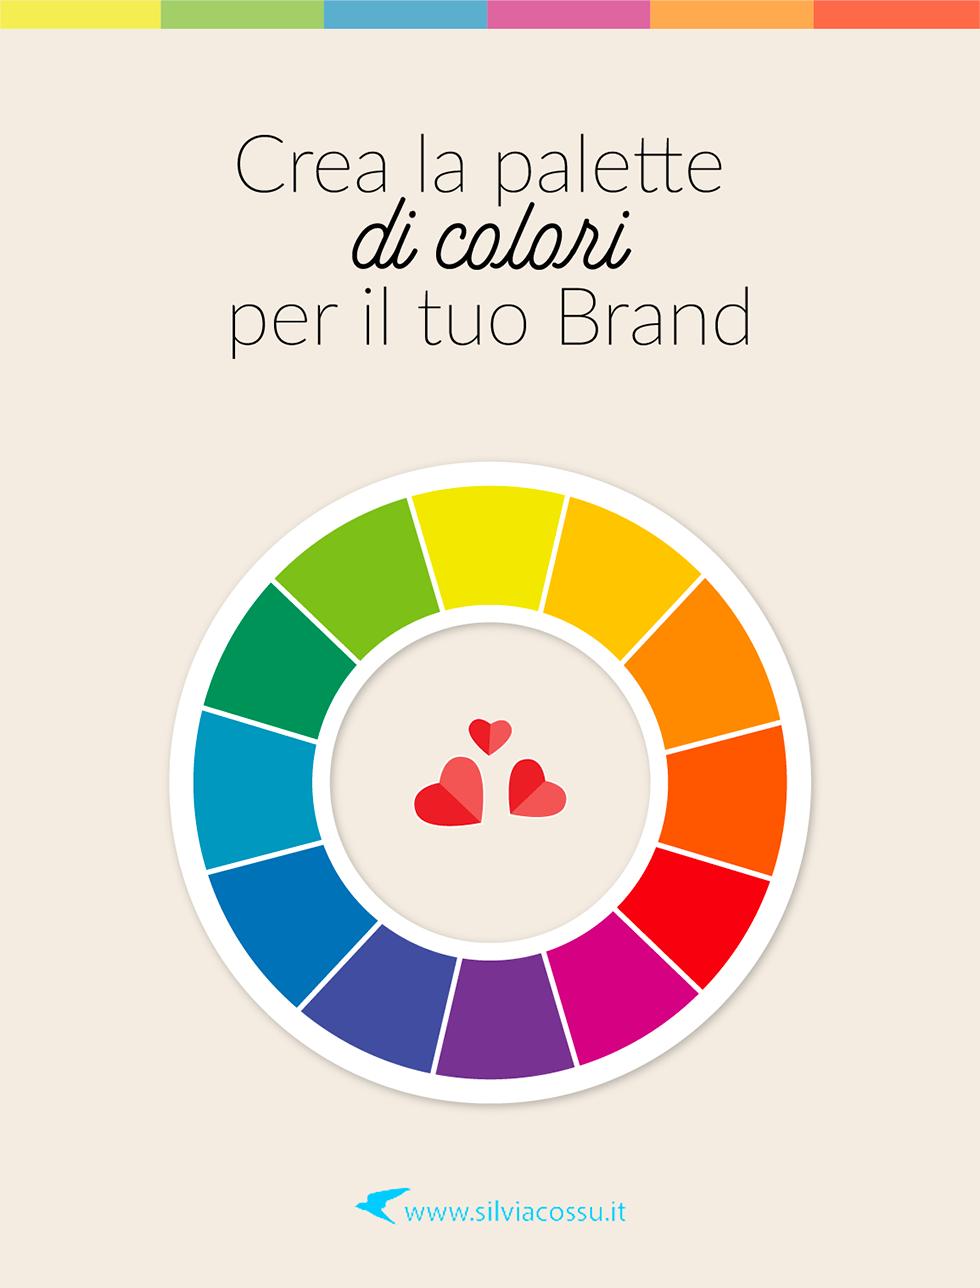 Crea una palette di colori per il tuo brand è una importanza operazione di marketing: i colori infatti trasmettono emozioni e impressioni meglio delle parole!